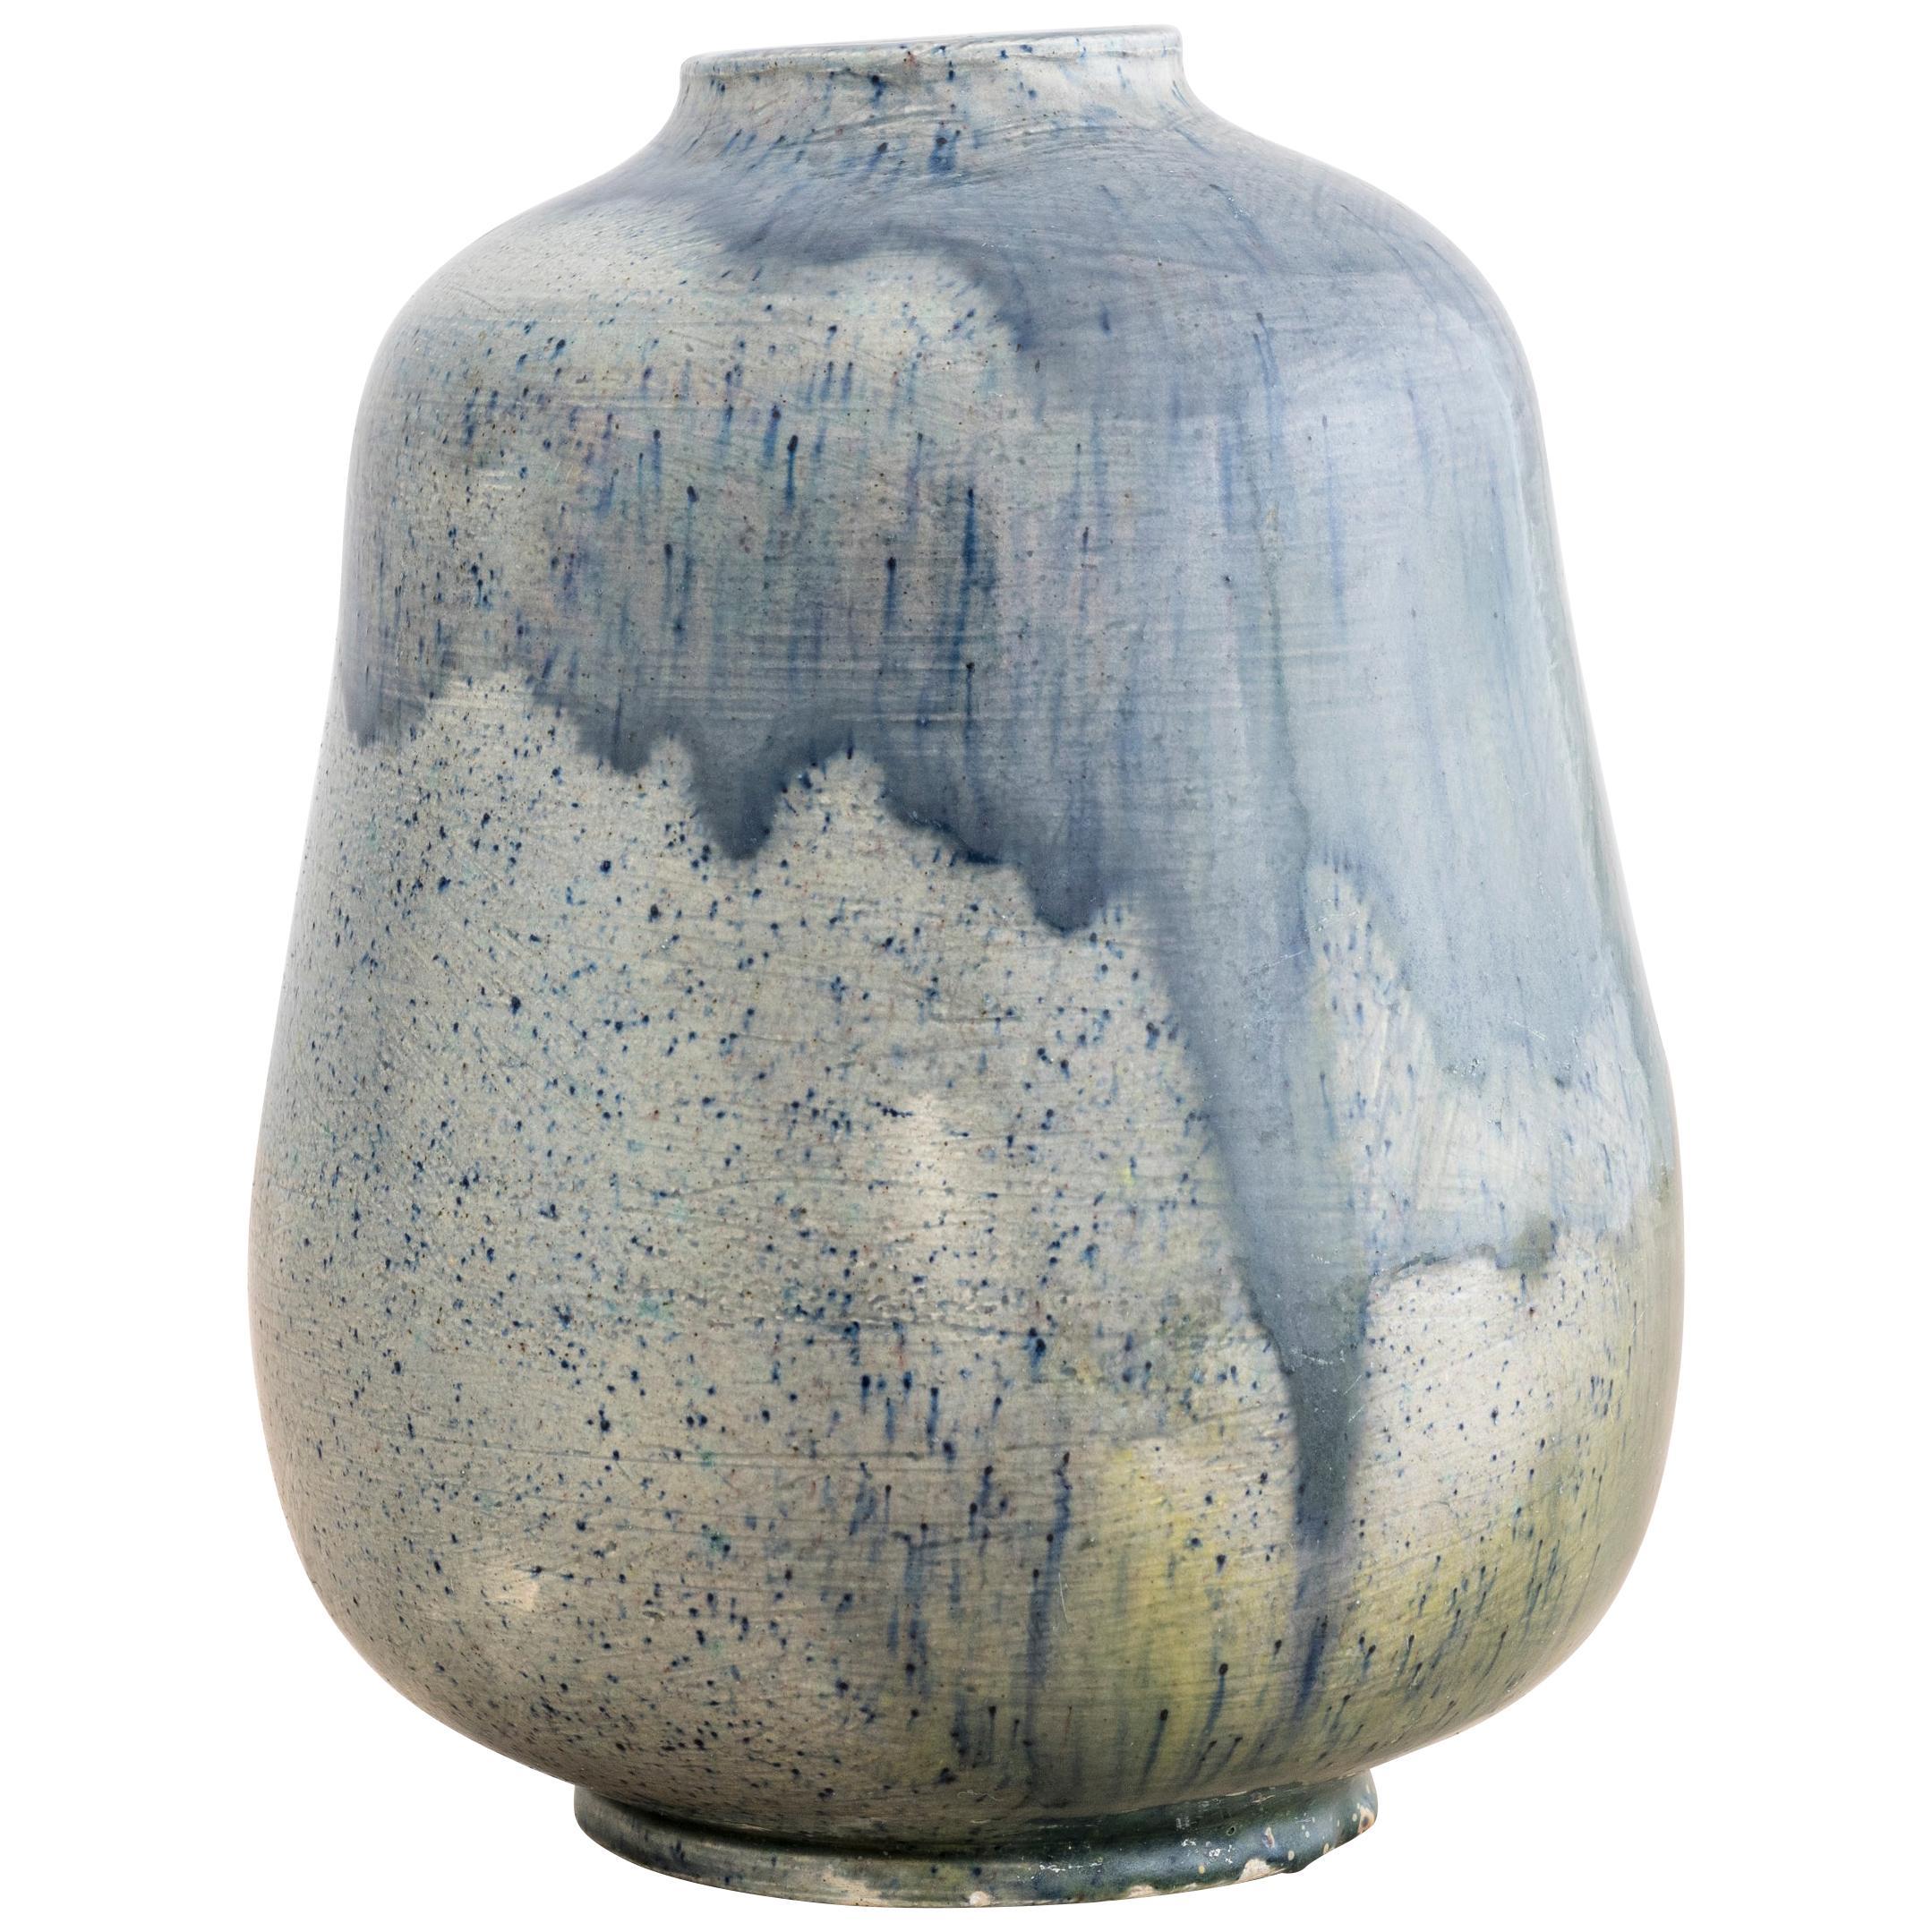 Blue Glazed Vase By Annikki Hovisaari